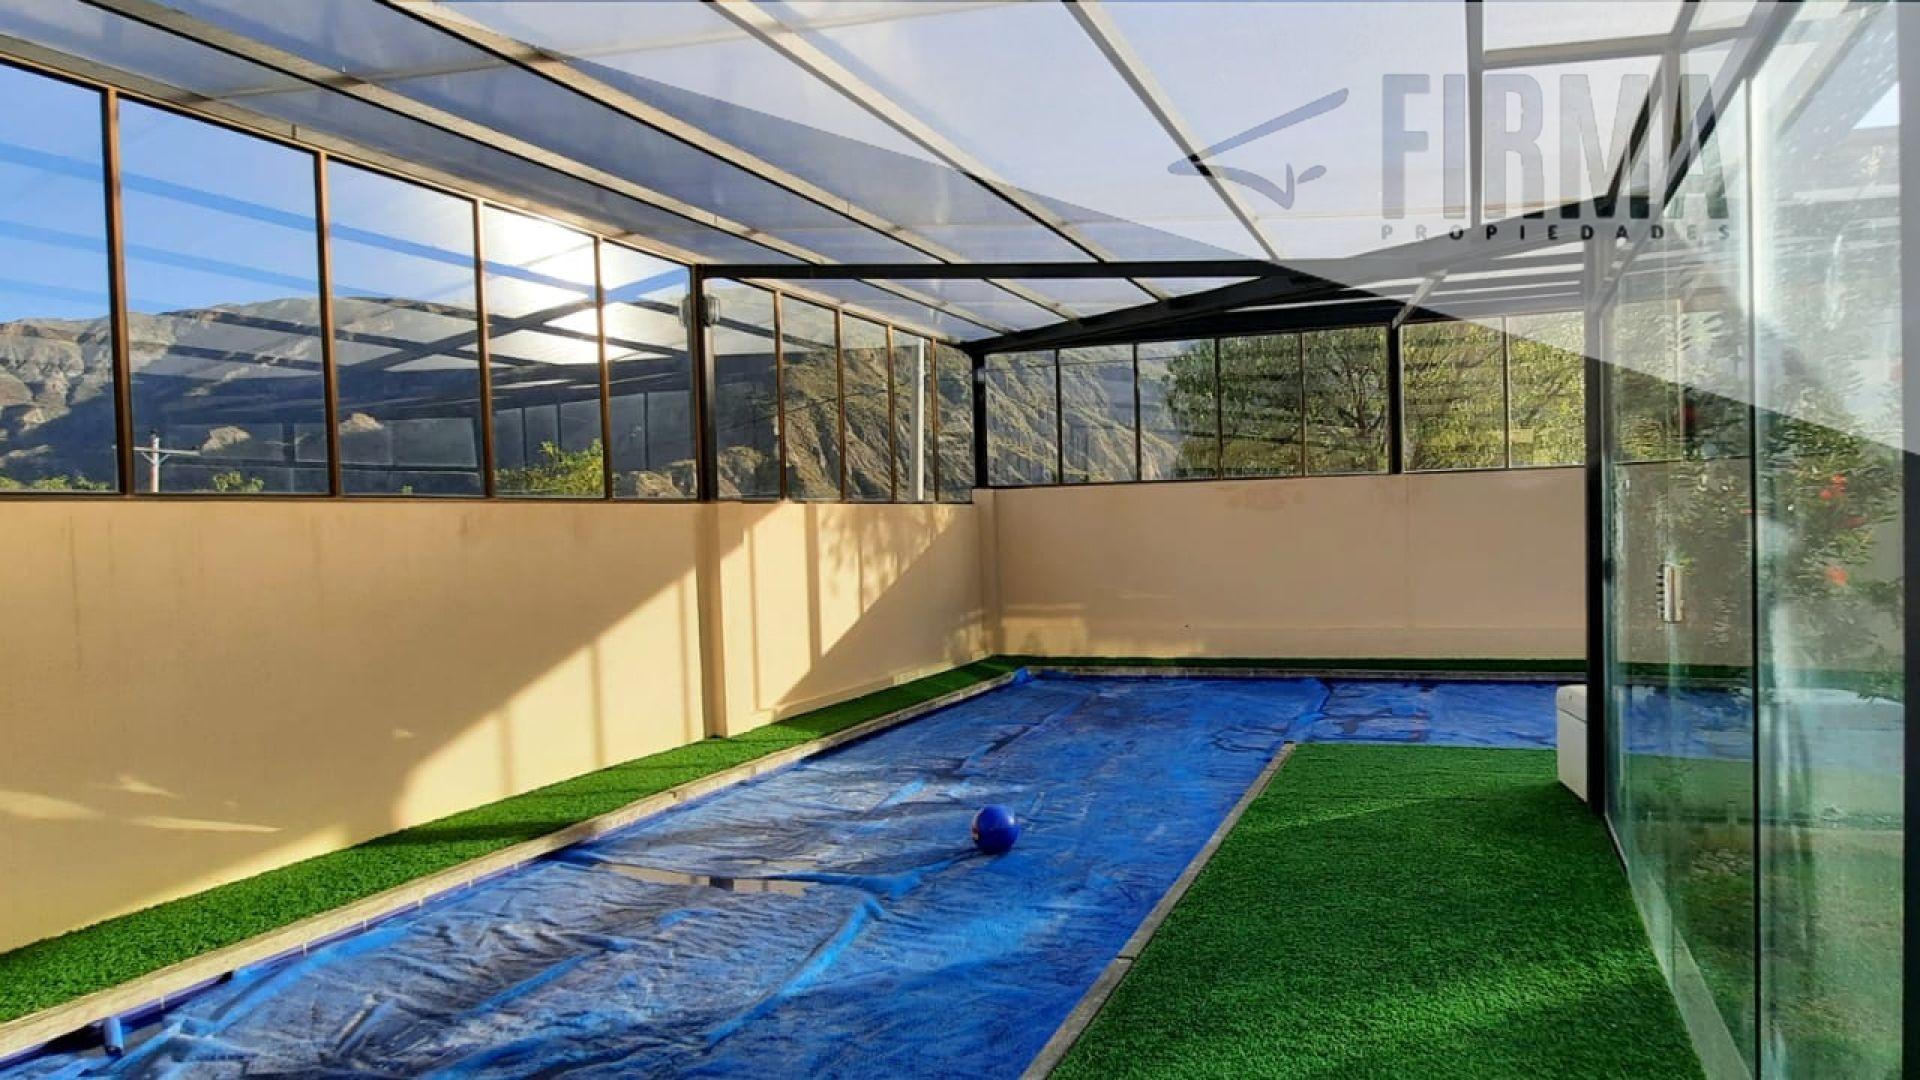 Casa en Venta COMPRA ESTA HERMOSA CASA EN UMAMANTA JUPAPINA FASE 2 Foto 3